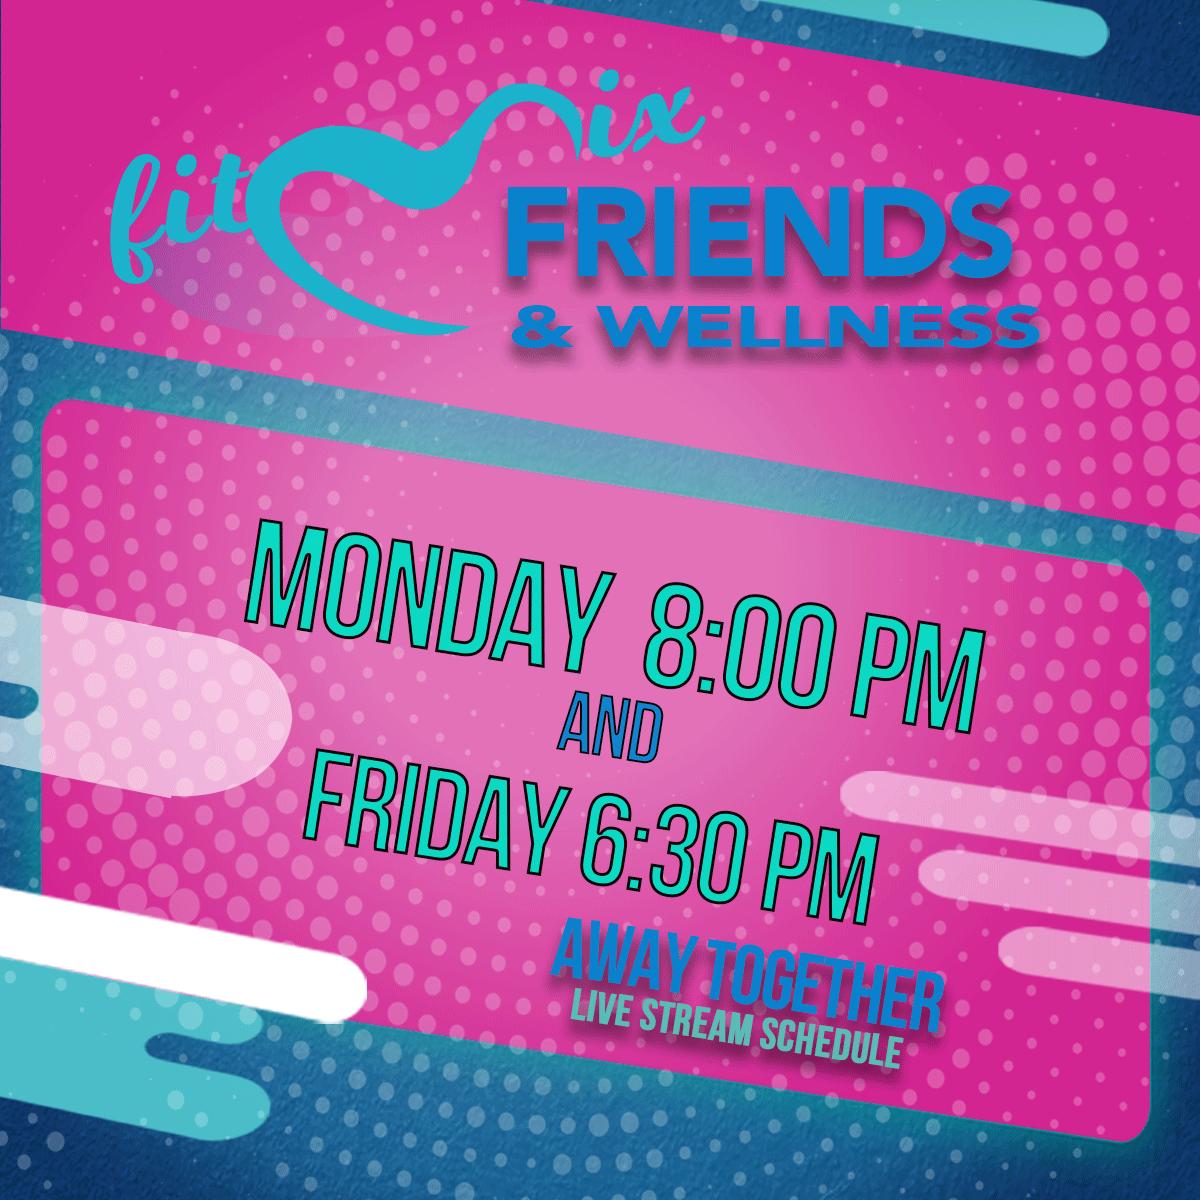 FITMIX FRIENDS & FUN